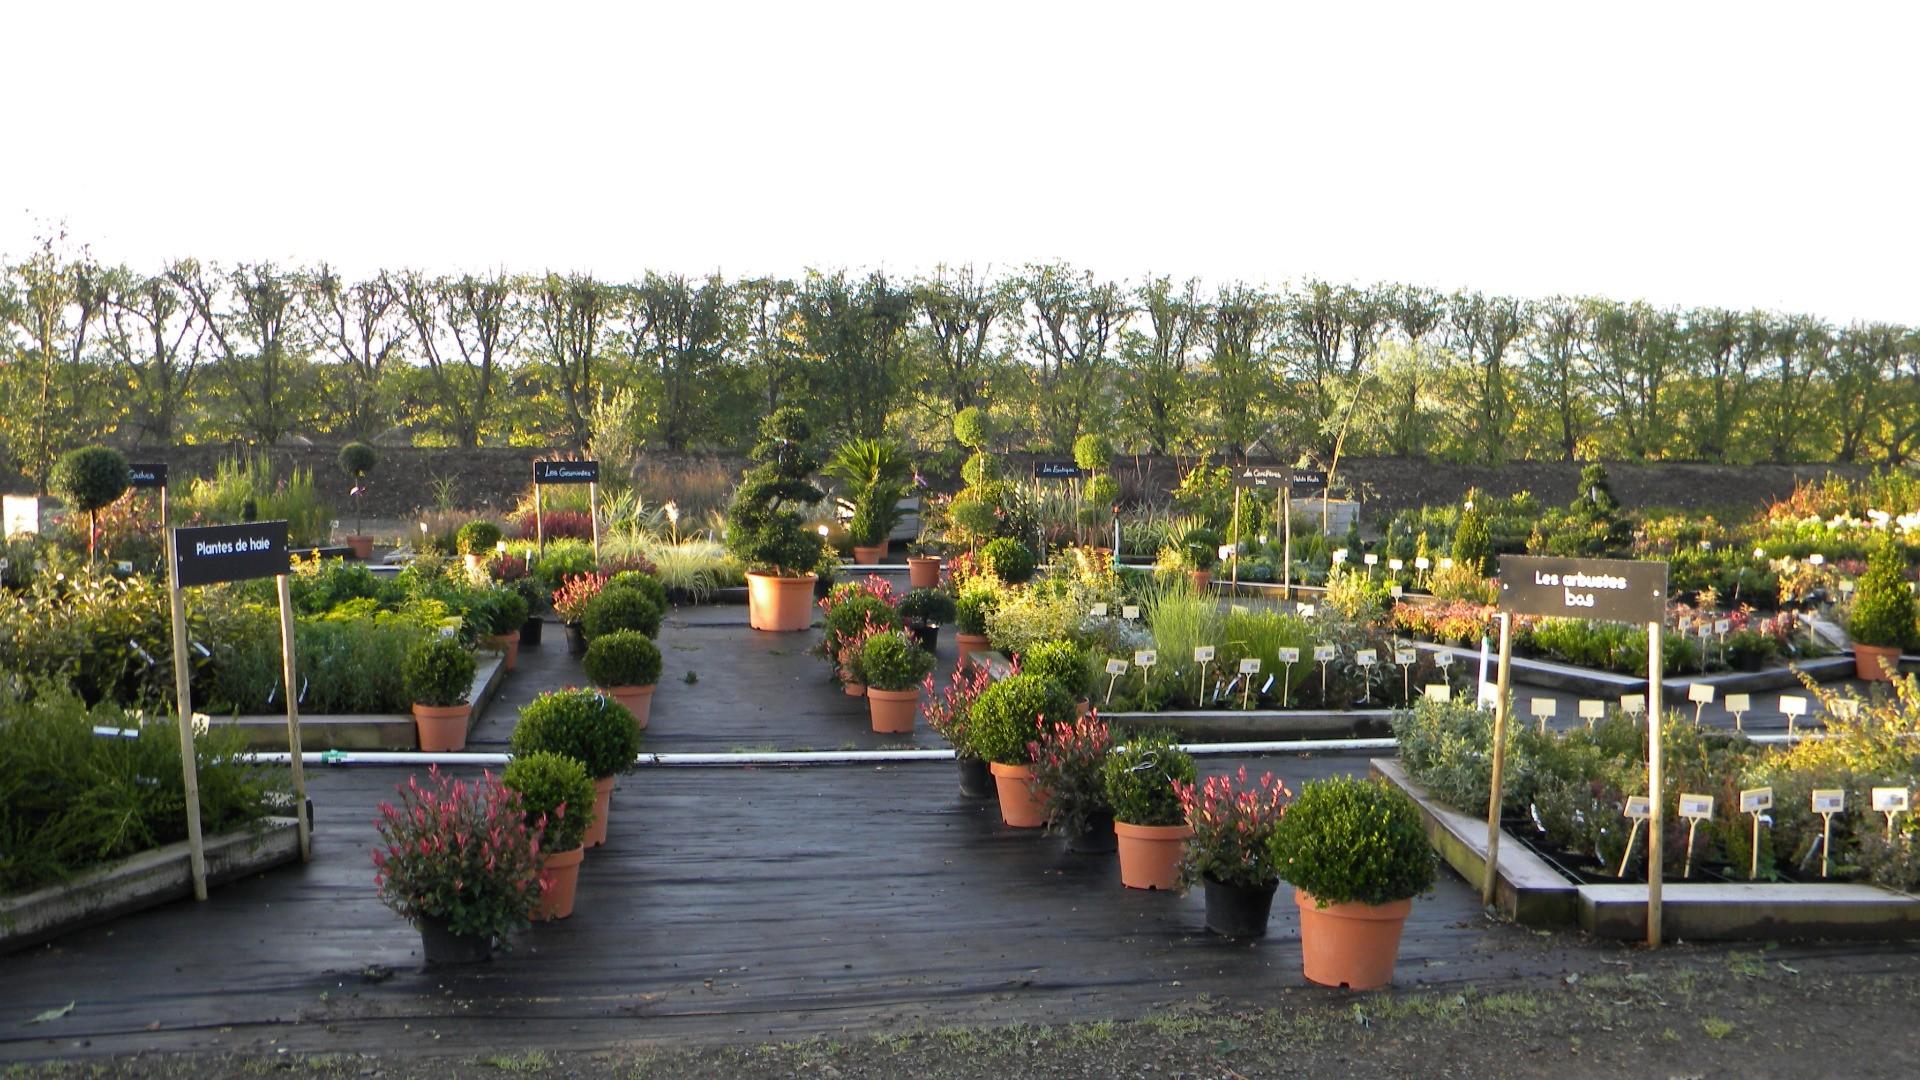 Végétaux pour aménagements extérieurs (jardins, bacs en terrasse, ...)